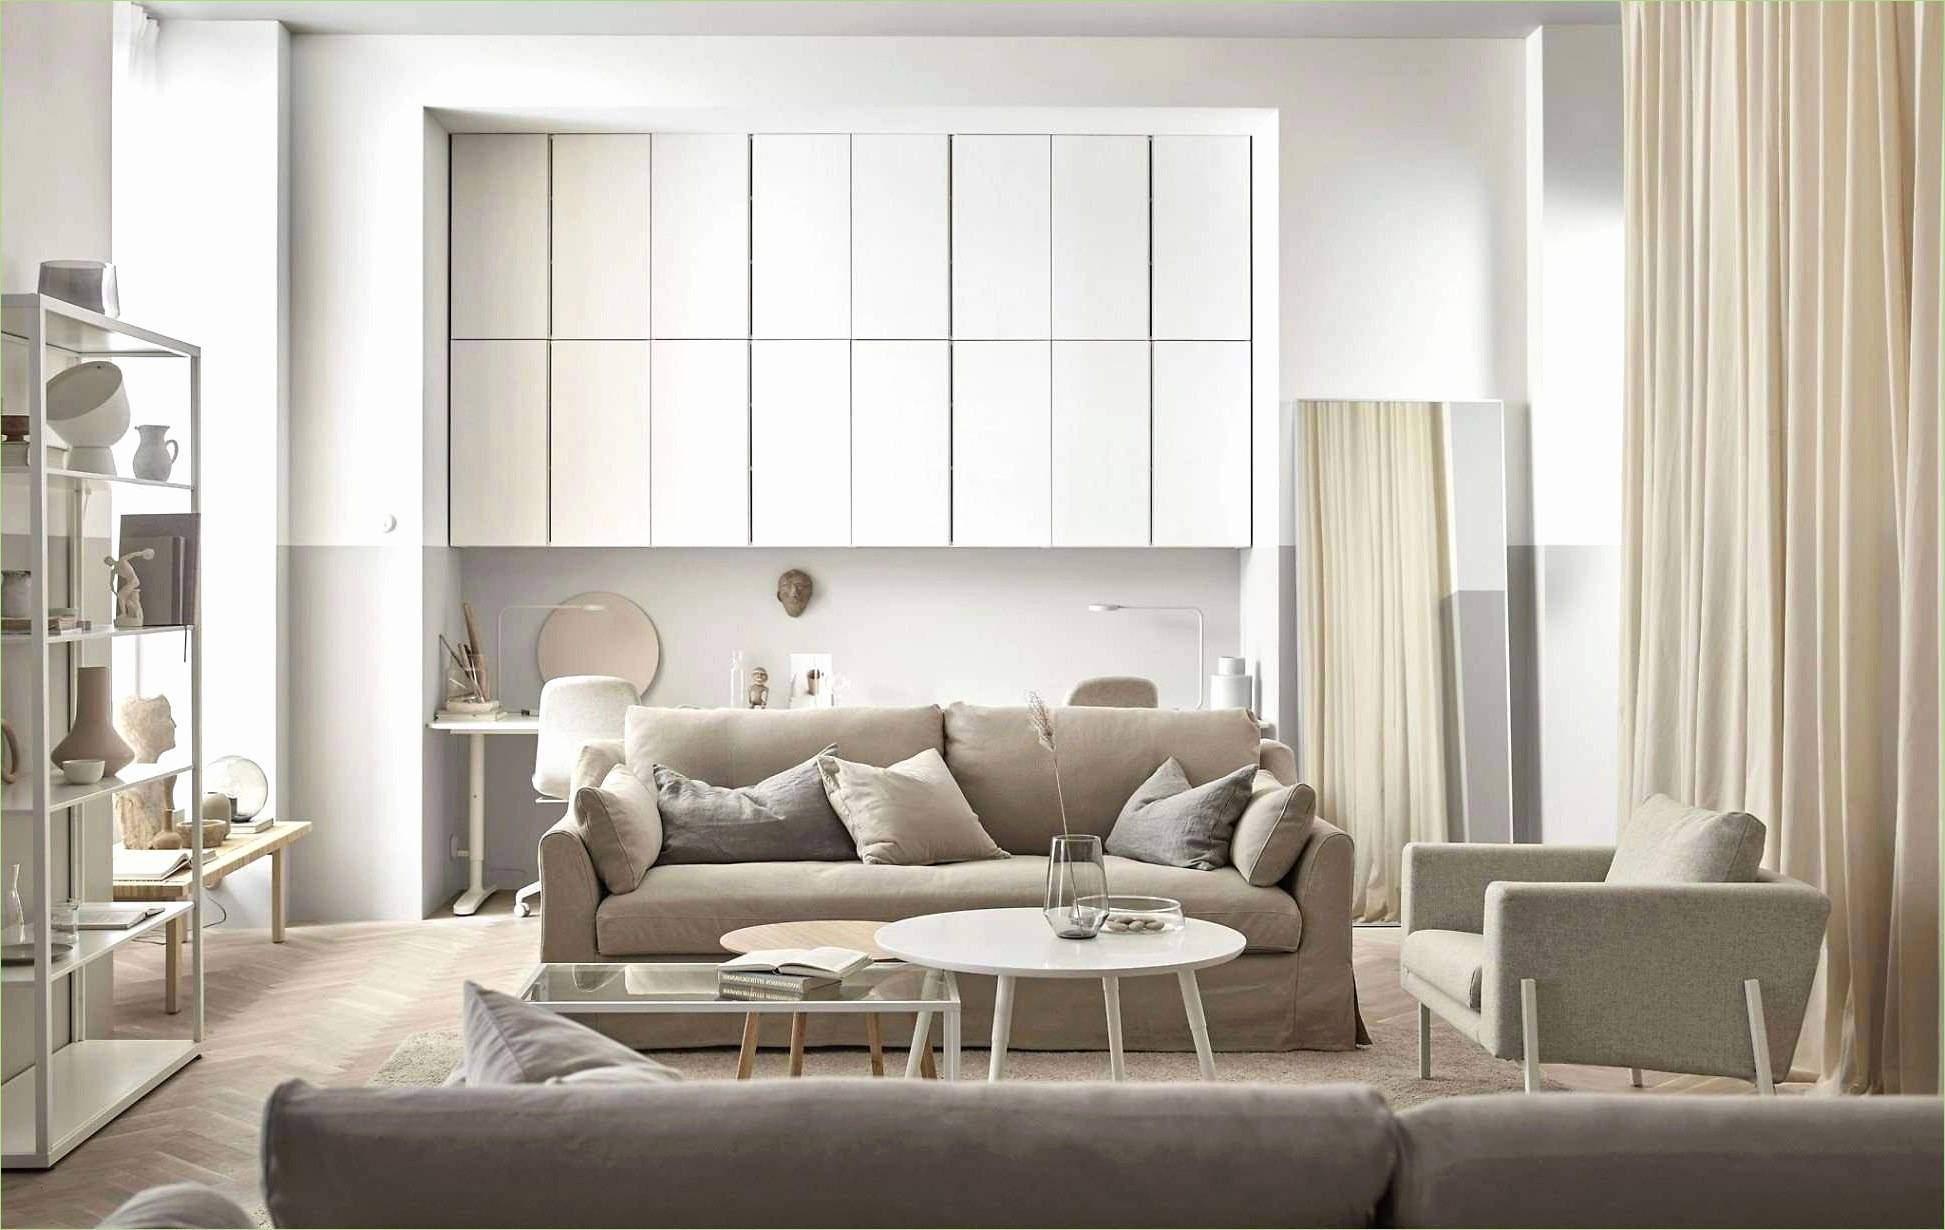 deko wohnzimmer neu lovely boden deko wohnzimmer inspirations of deko wohnzimmer